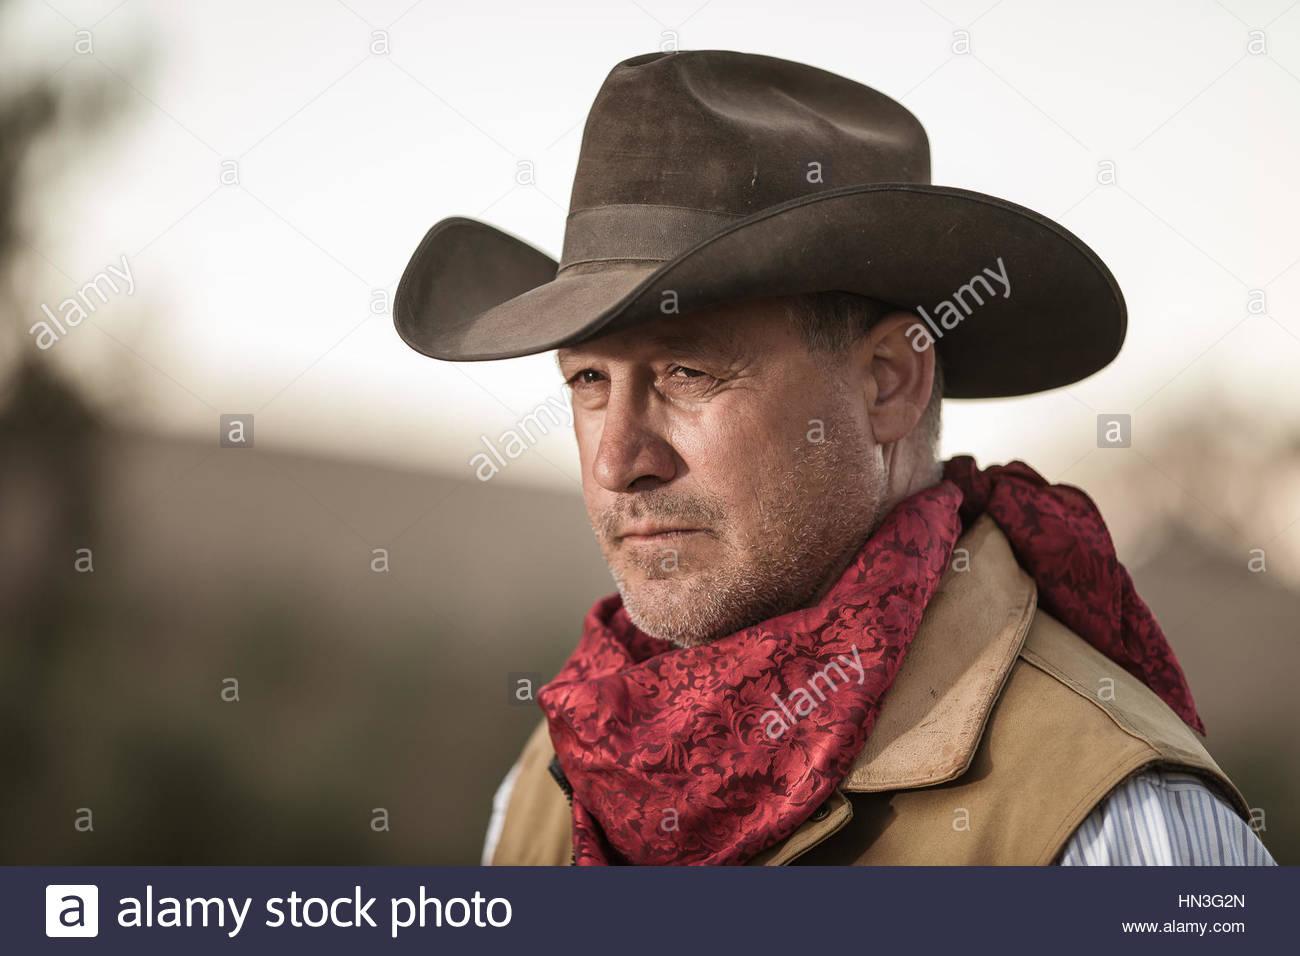 portrait of a cowboy in profile wearing a cowboy hat vest